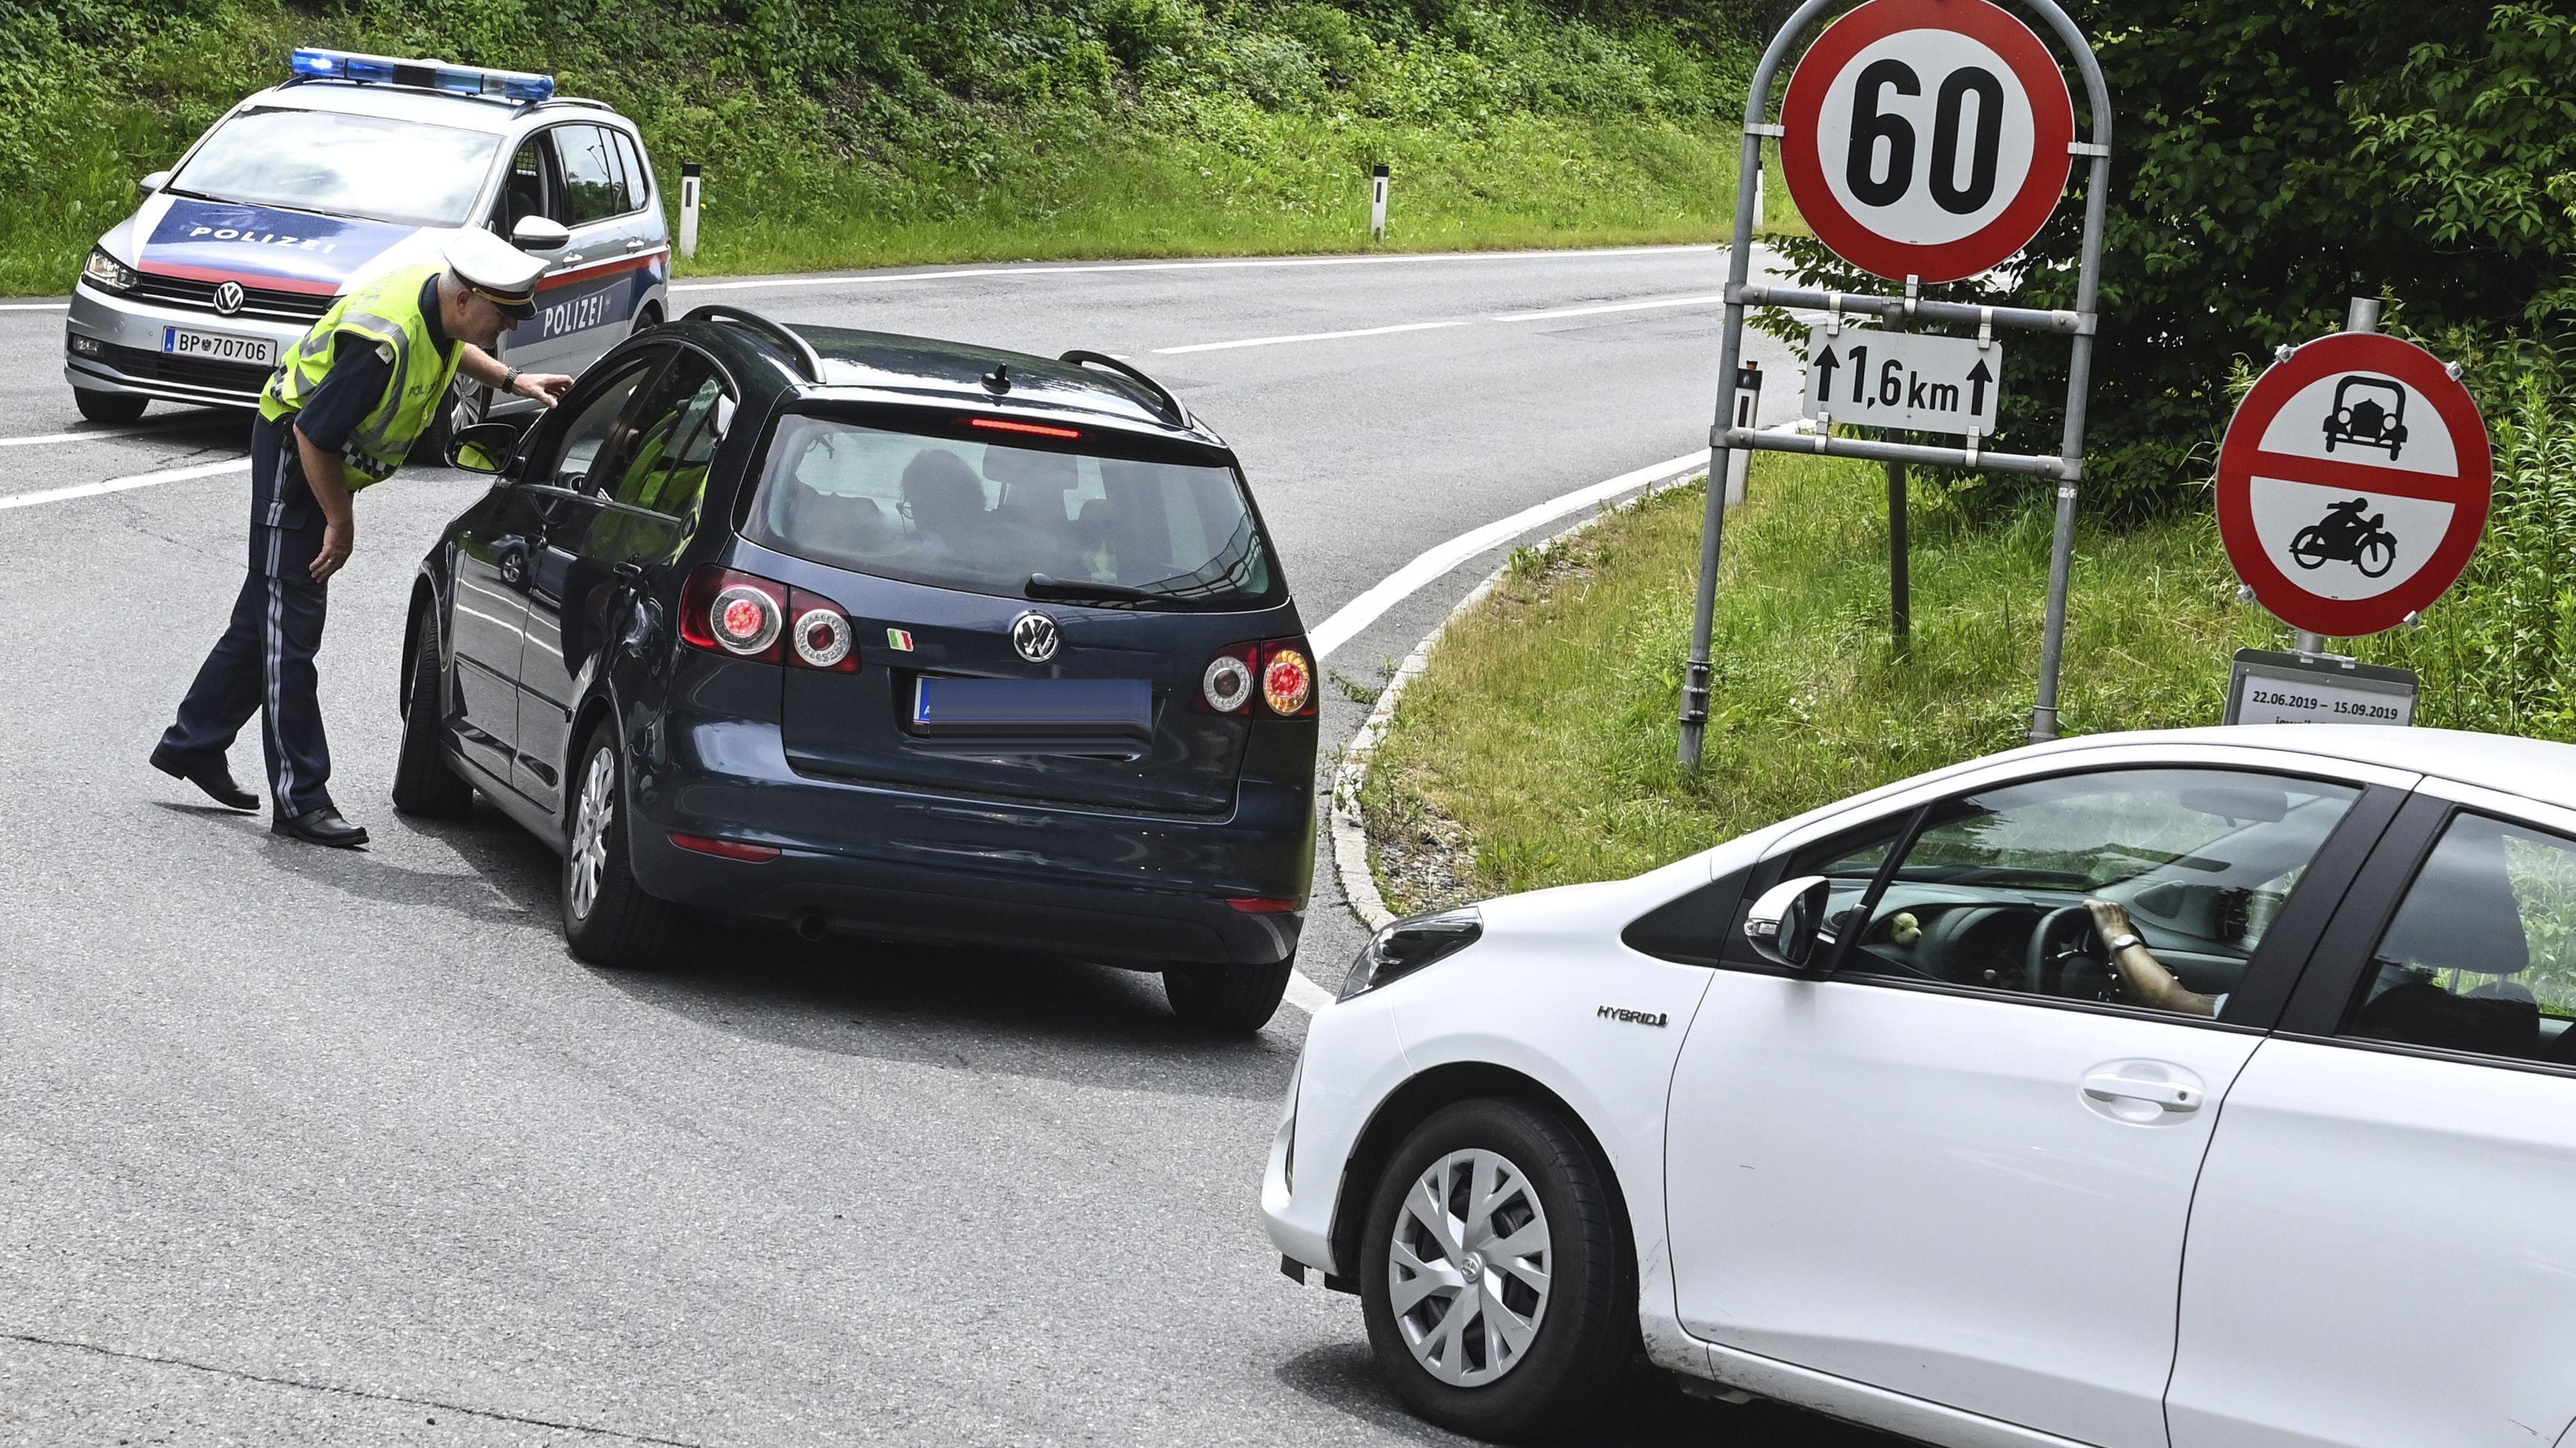 Die Tiroler Landesregierung setzt Fahrverbote gegen den Ausweichverkehr ein. Im Bild die Situation am Samstag, 22. Juni 2019, im Raum Innsbruck